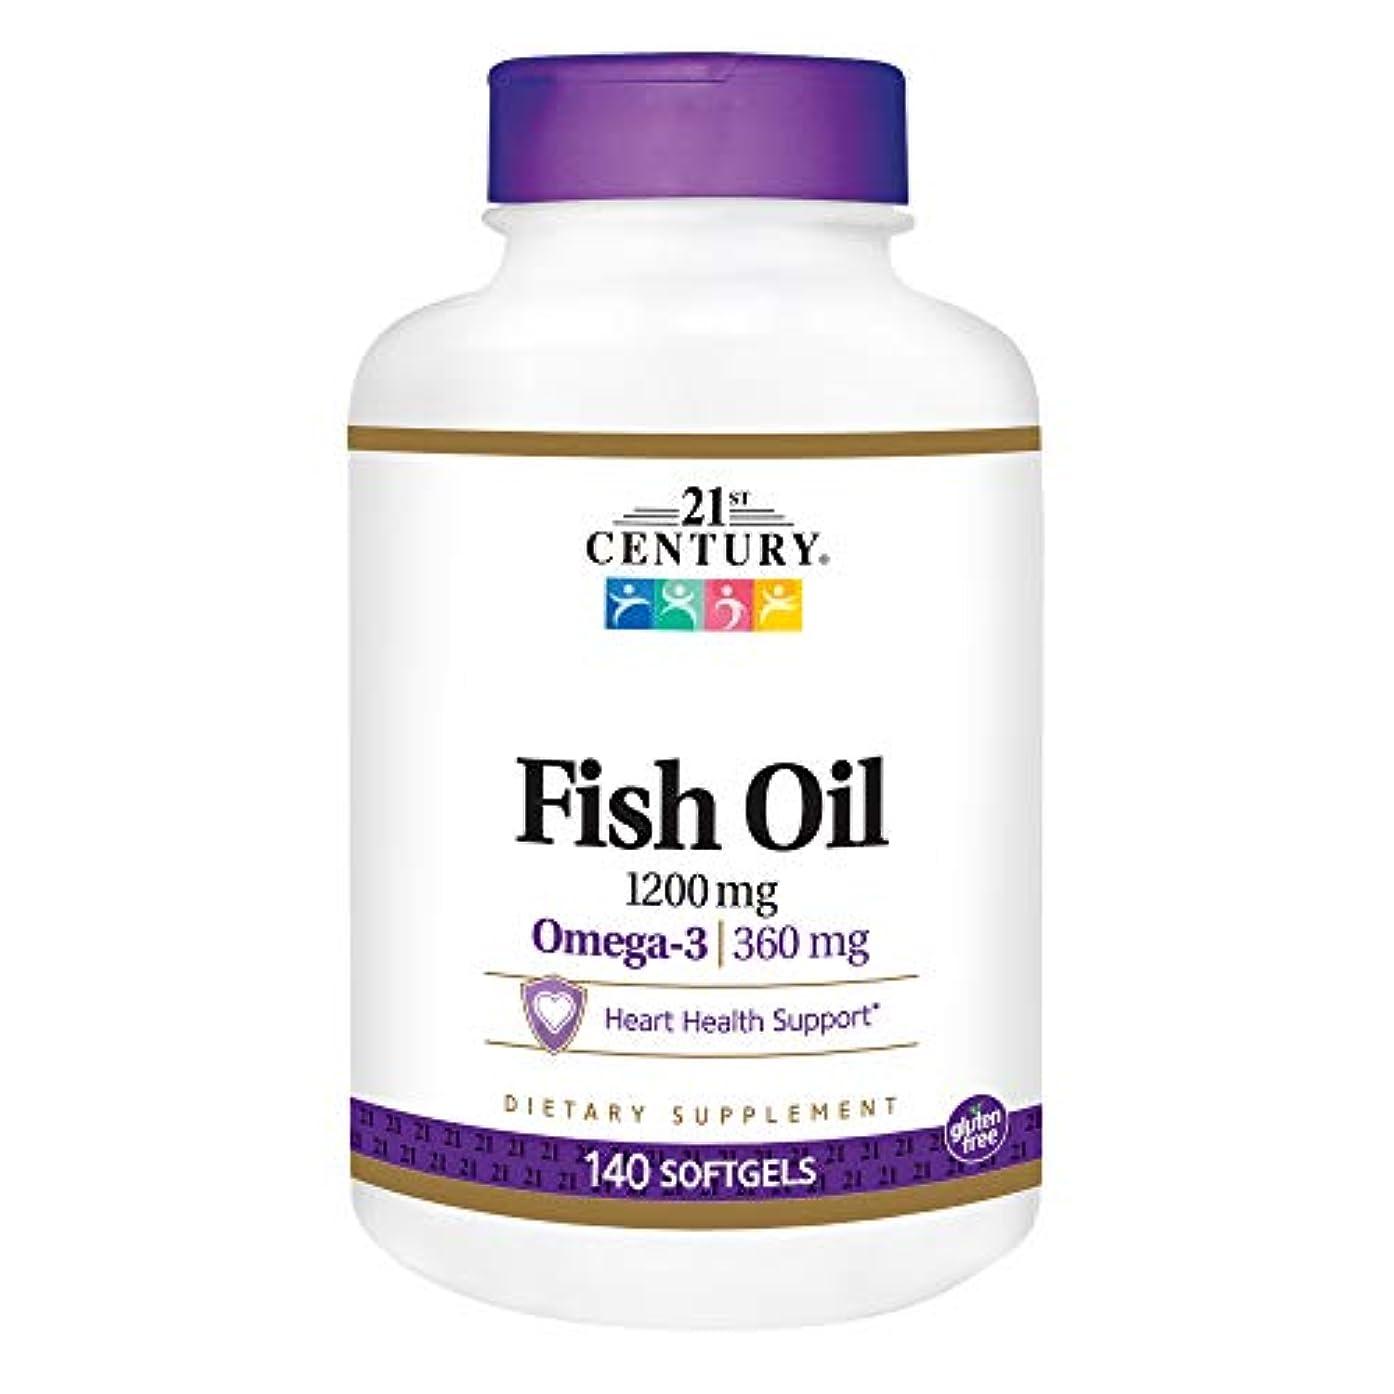 煙突ストロー裁定21st Century Health Care, Fish Oil, Omega-3, Maximum Strength, 1200 mg, 140 Softgels